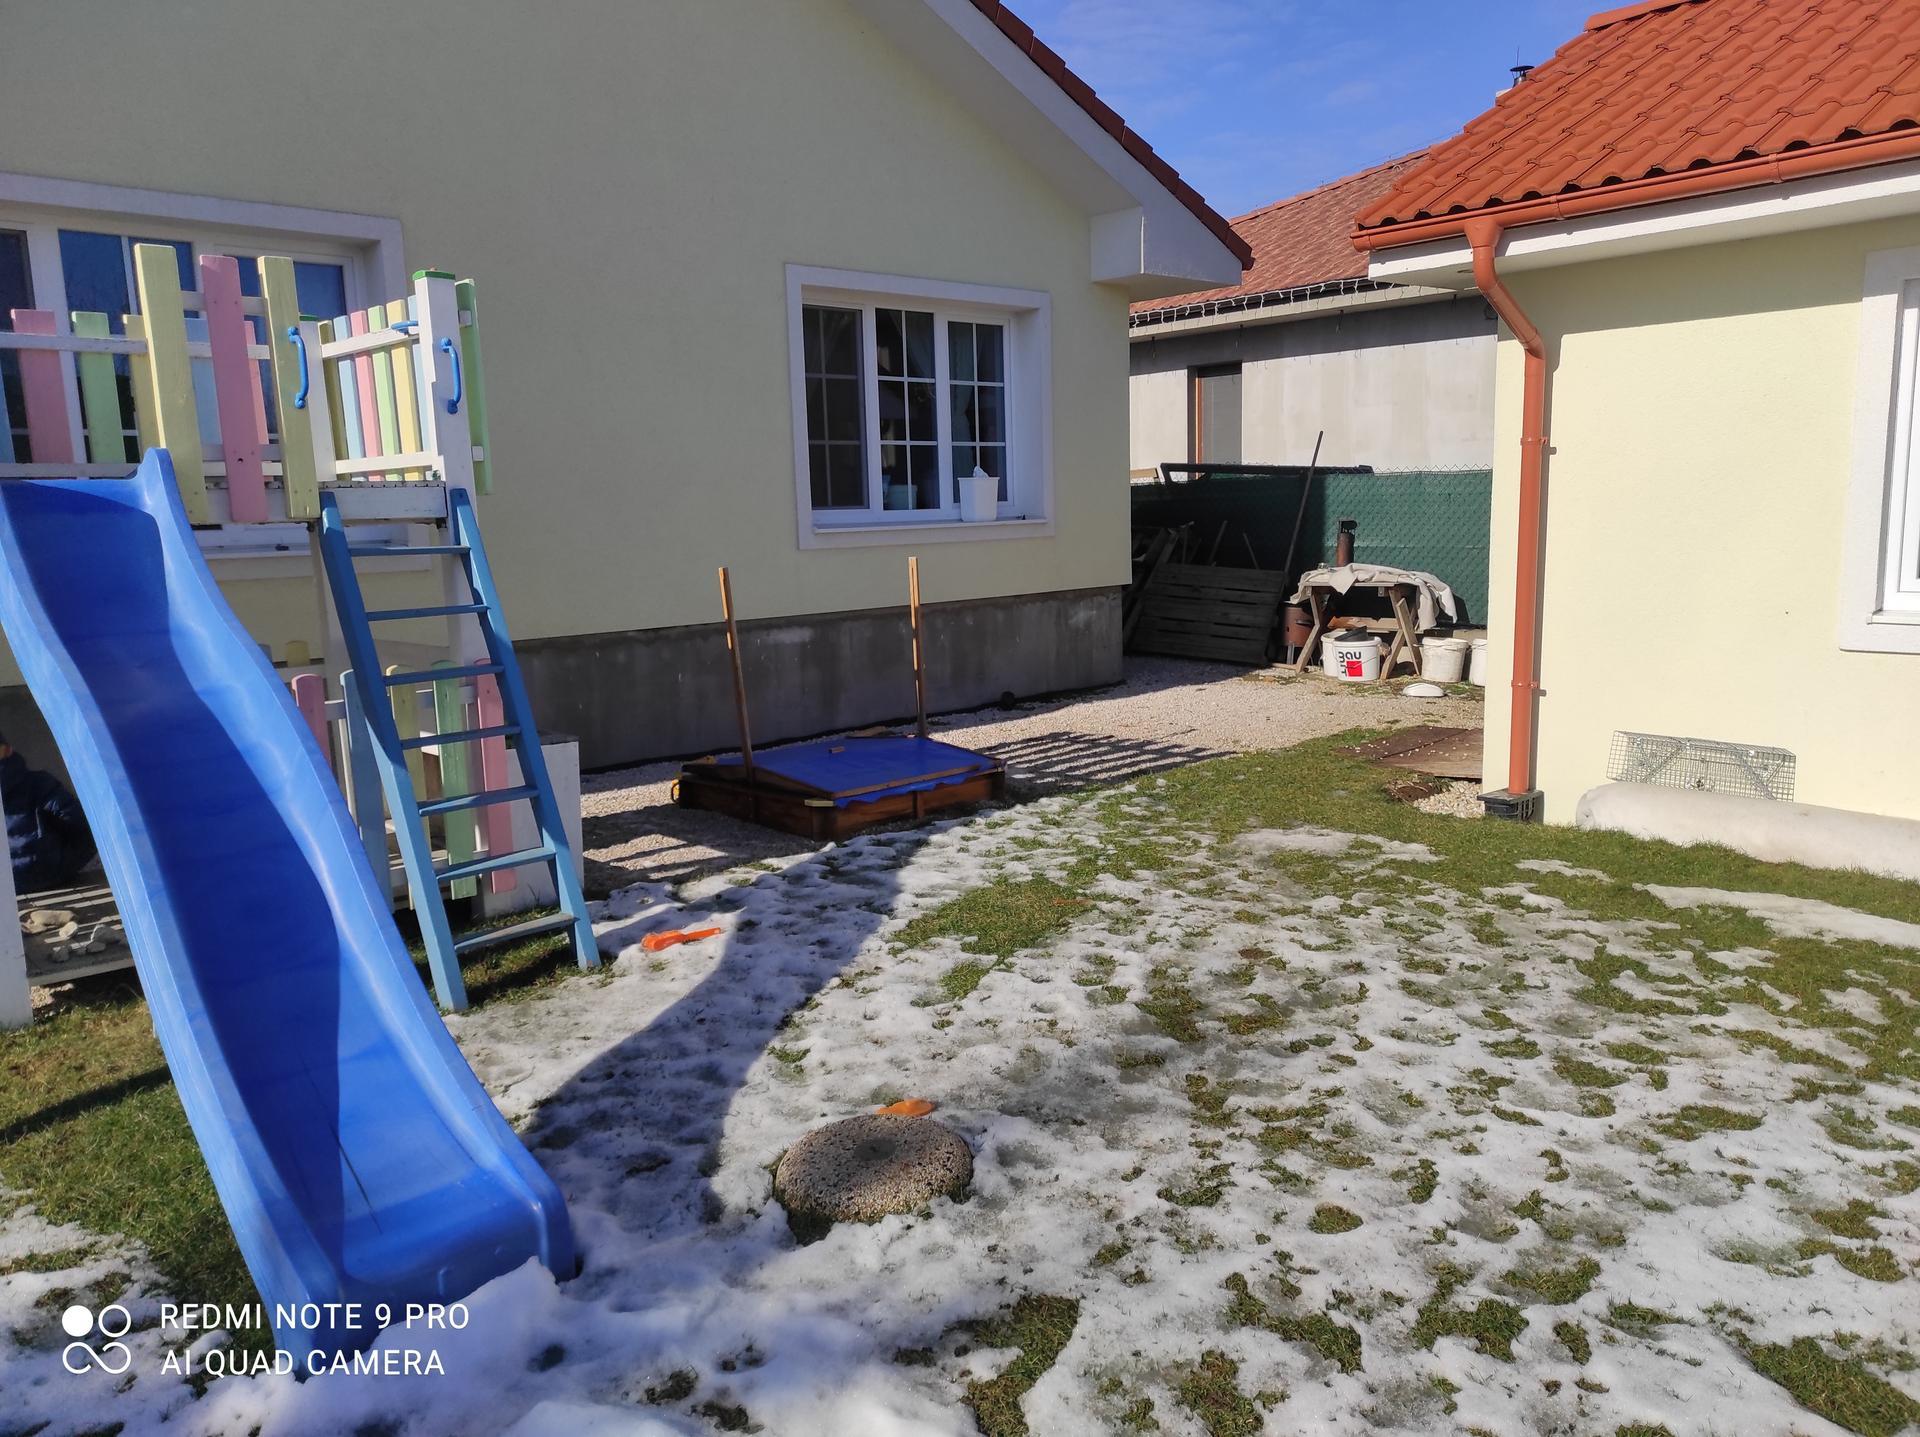 Vidiečan - pokračujeme vonku. - Ku plotu plánujem drevenú stenu za ktorú vysadim vavrinovce a paprade. Na stenu pôjde zahradna sprcha.